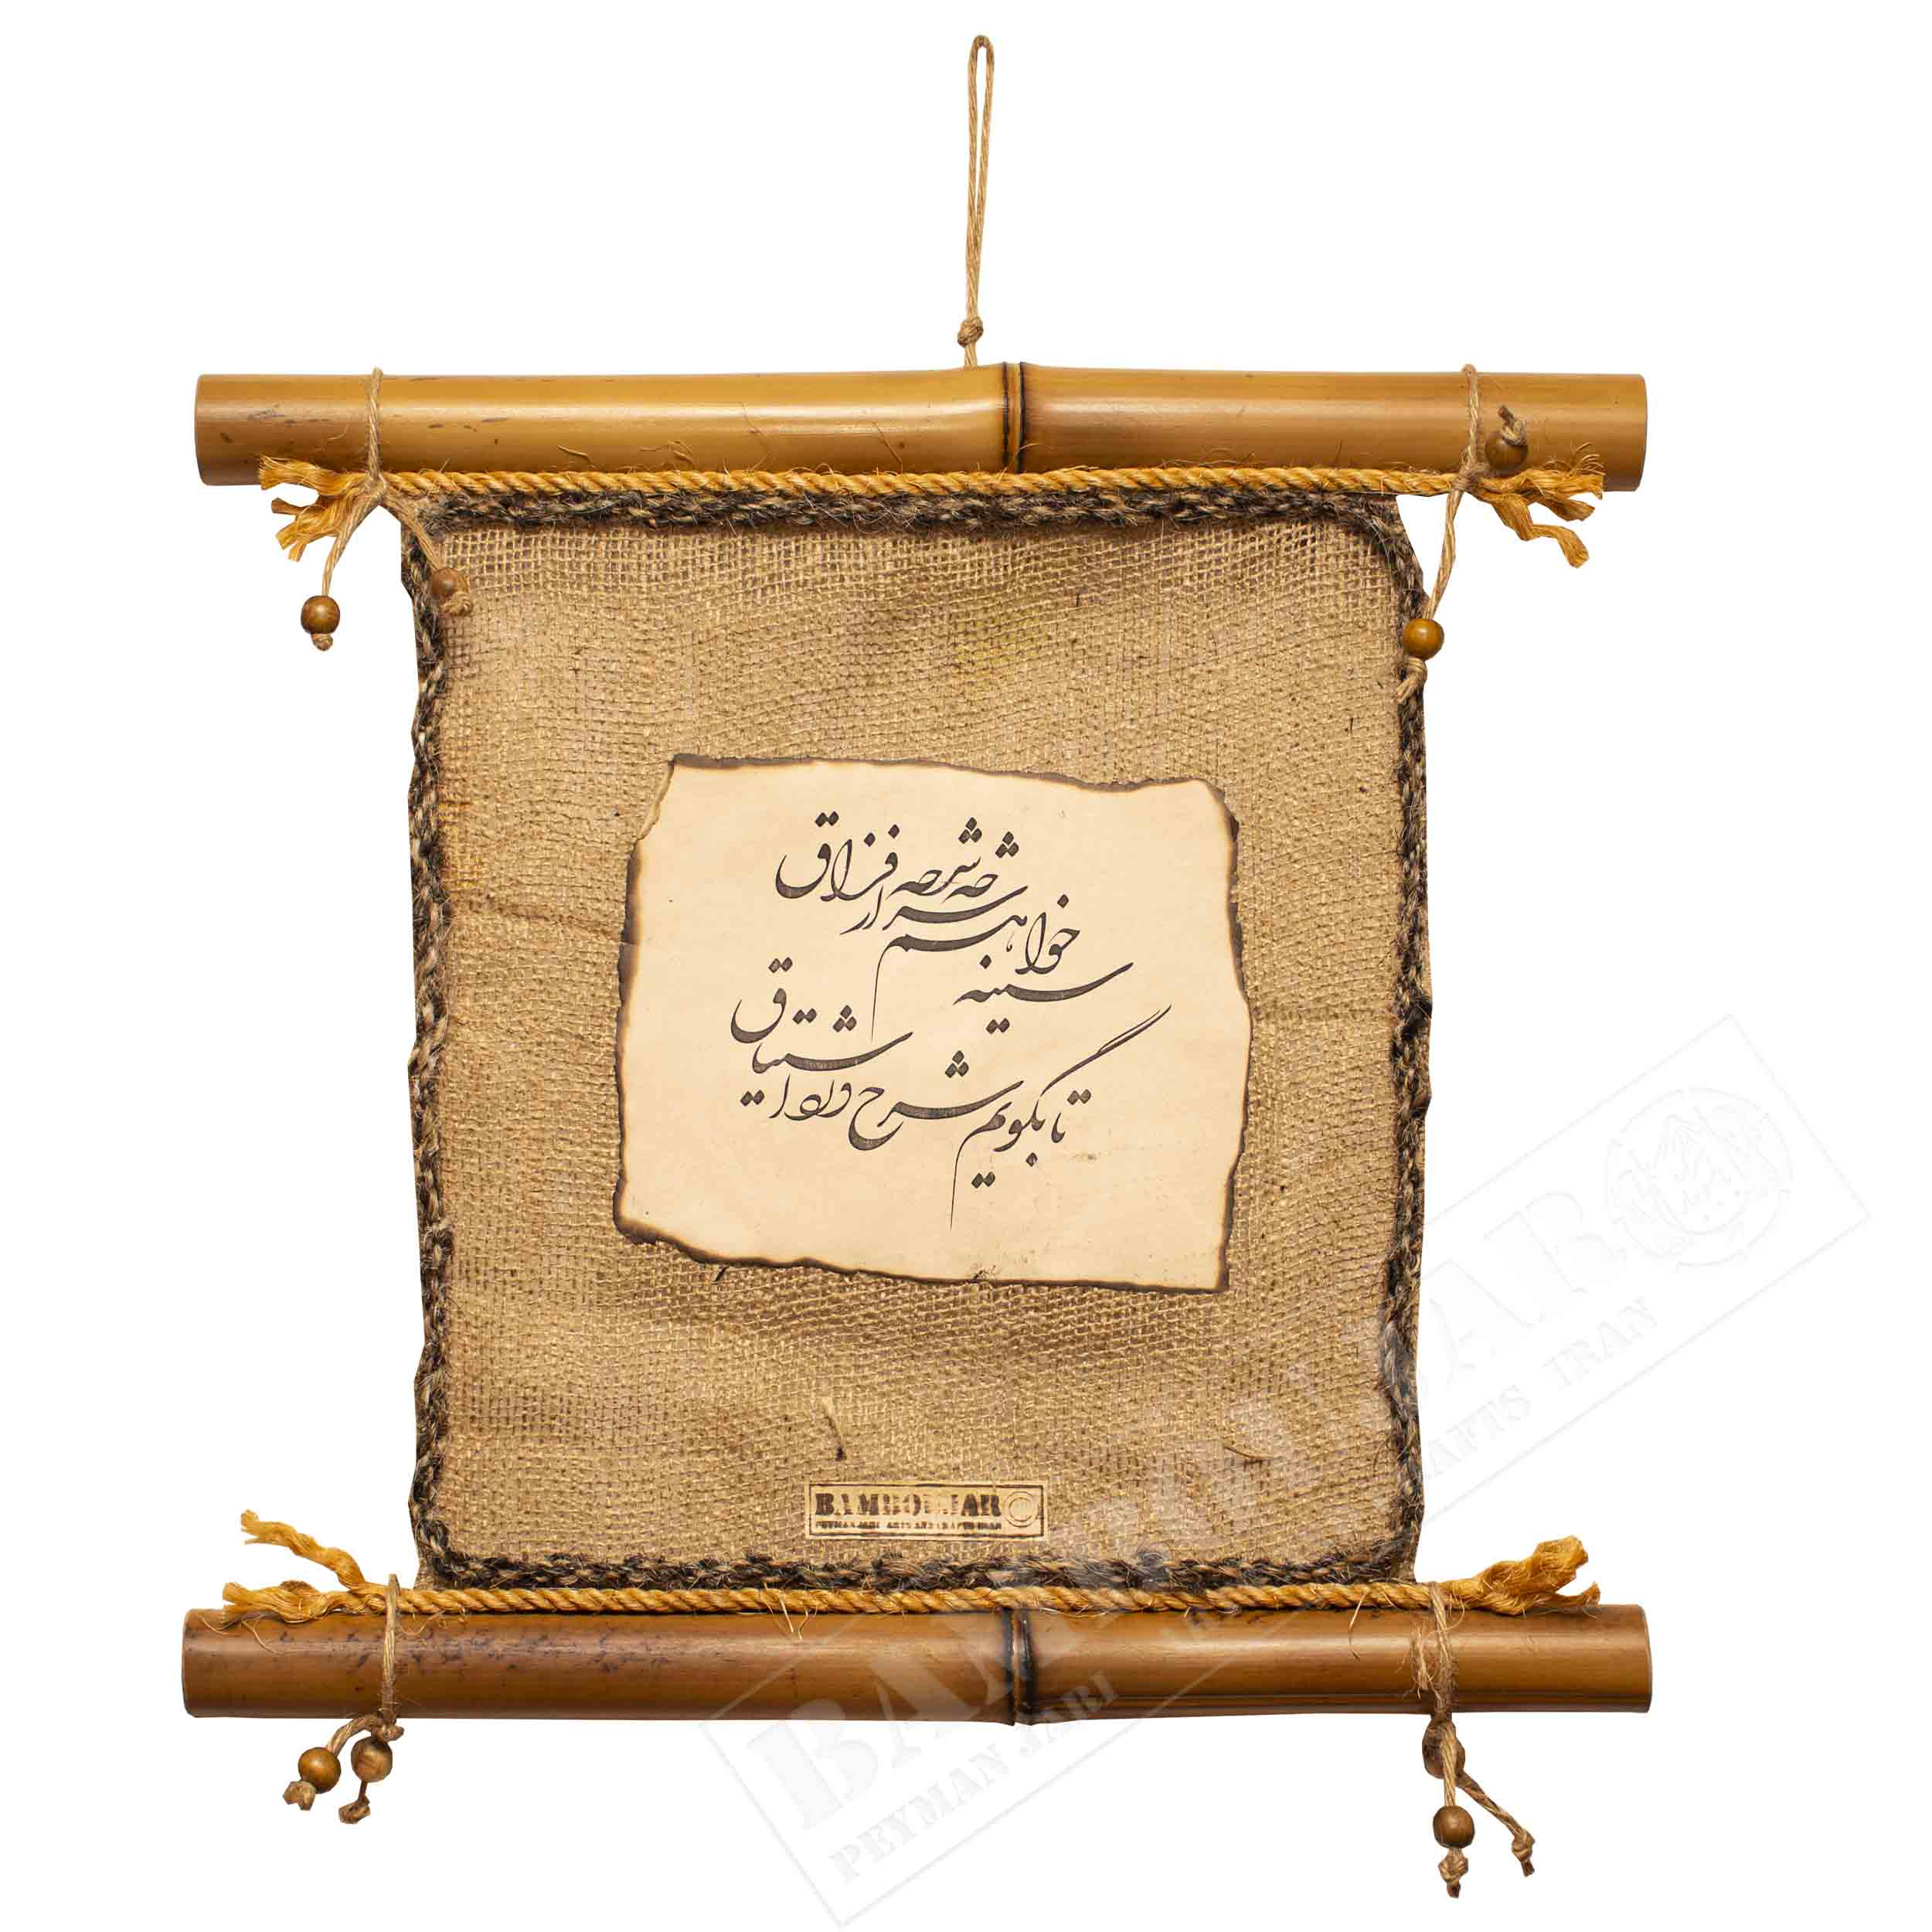 تابلو شعرکد5 TaKhaC